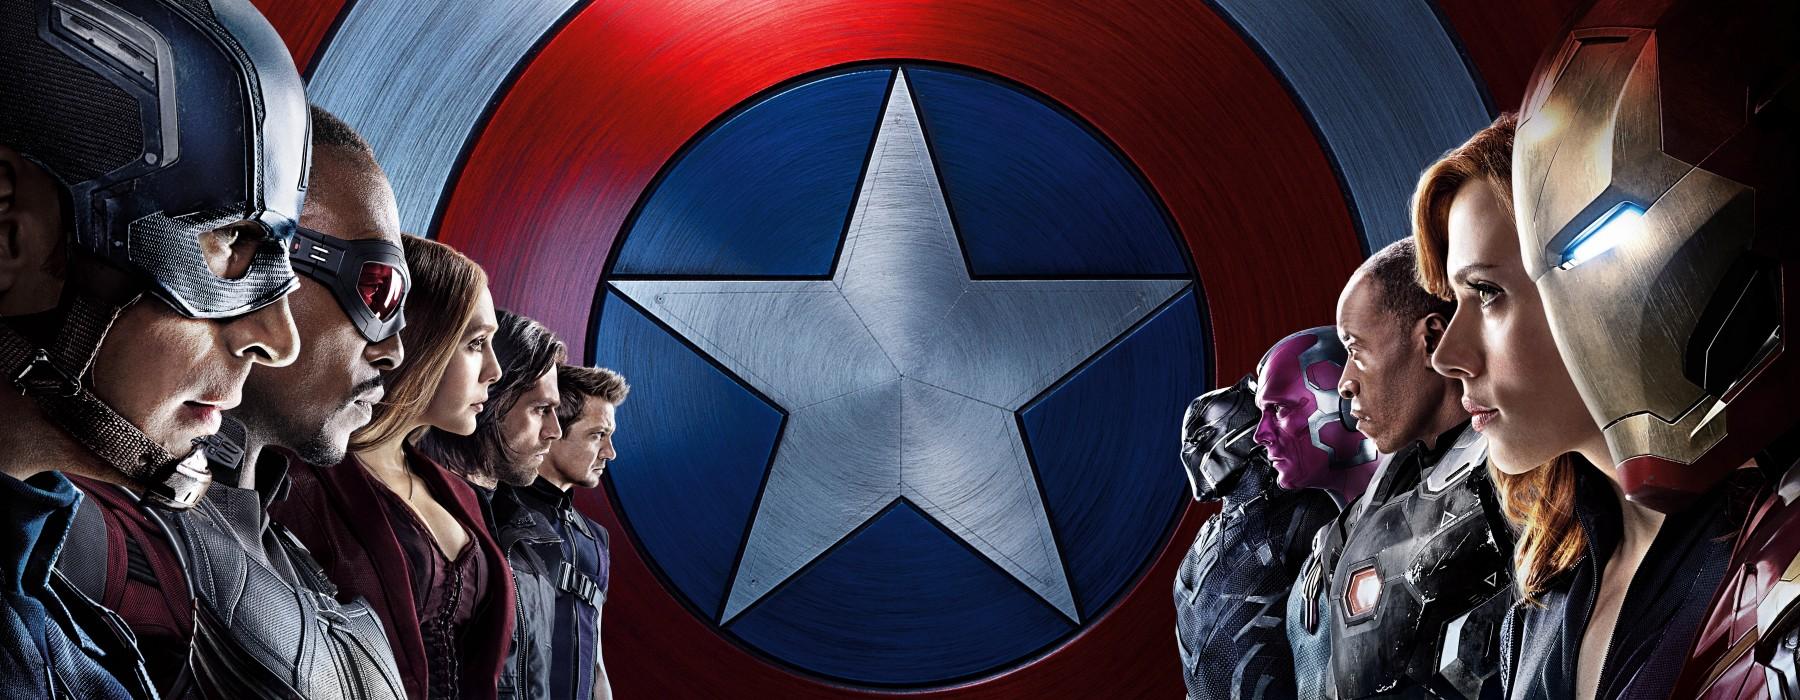 Kapitan Ameryka: Wojna bohaterów, rozterka fanów